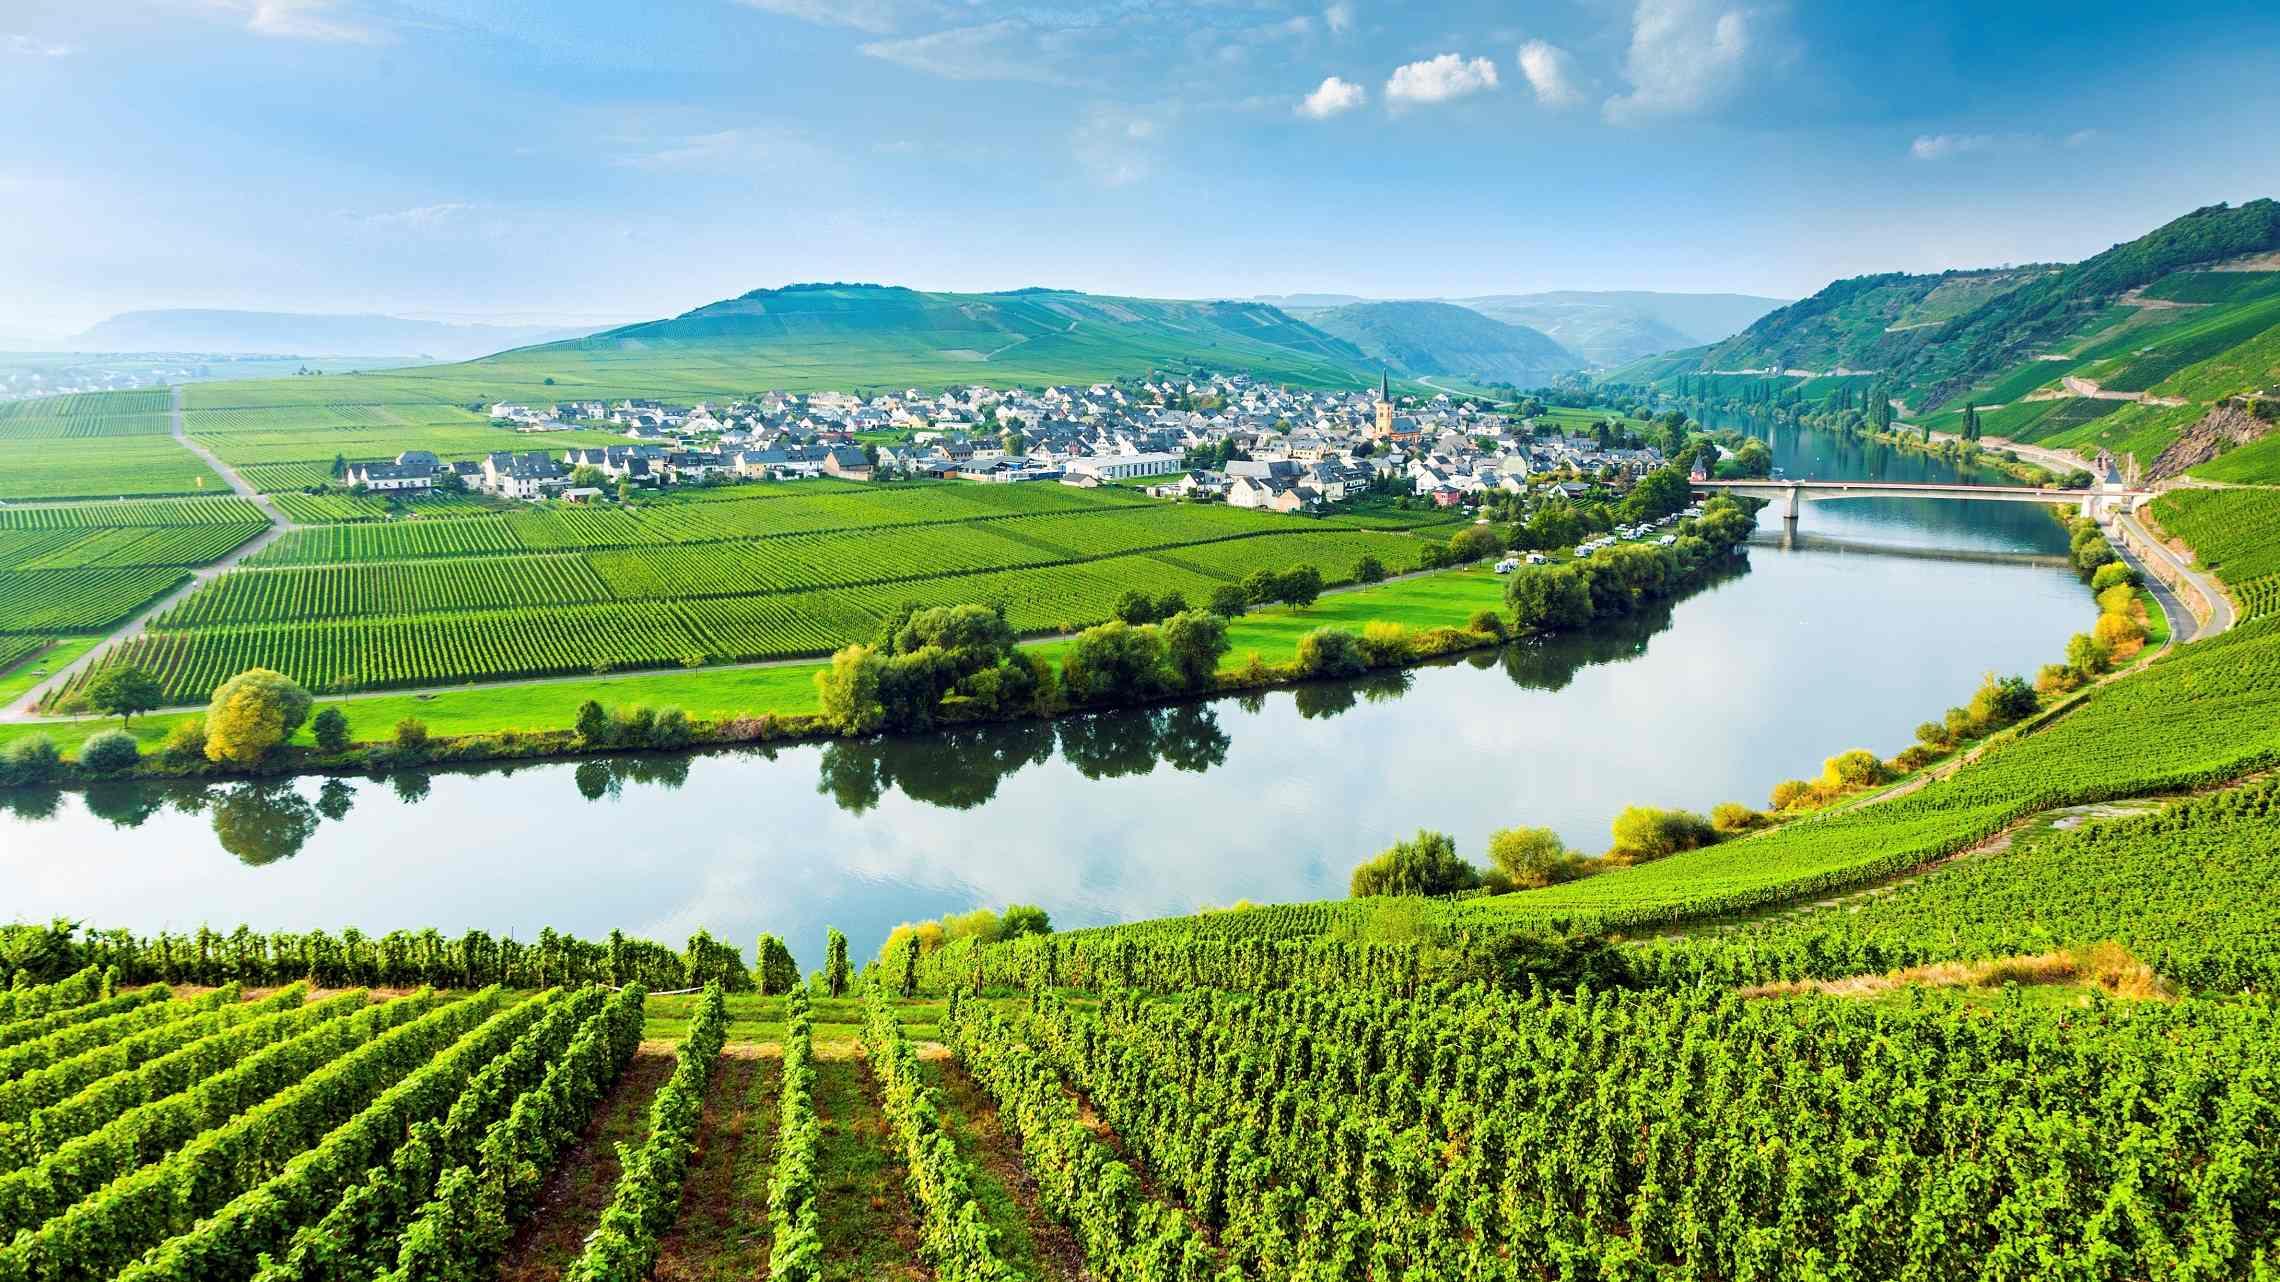 Moselle-viiniviljelyksiä-1920x1080.jpg